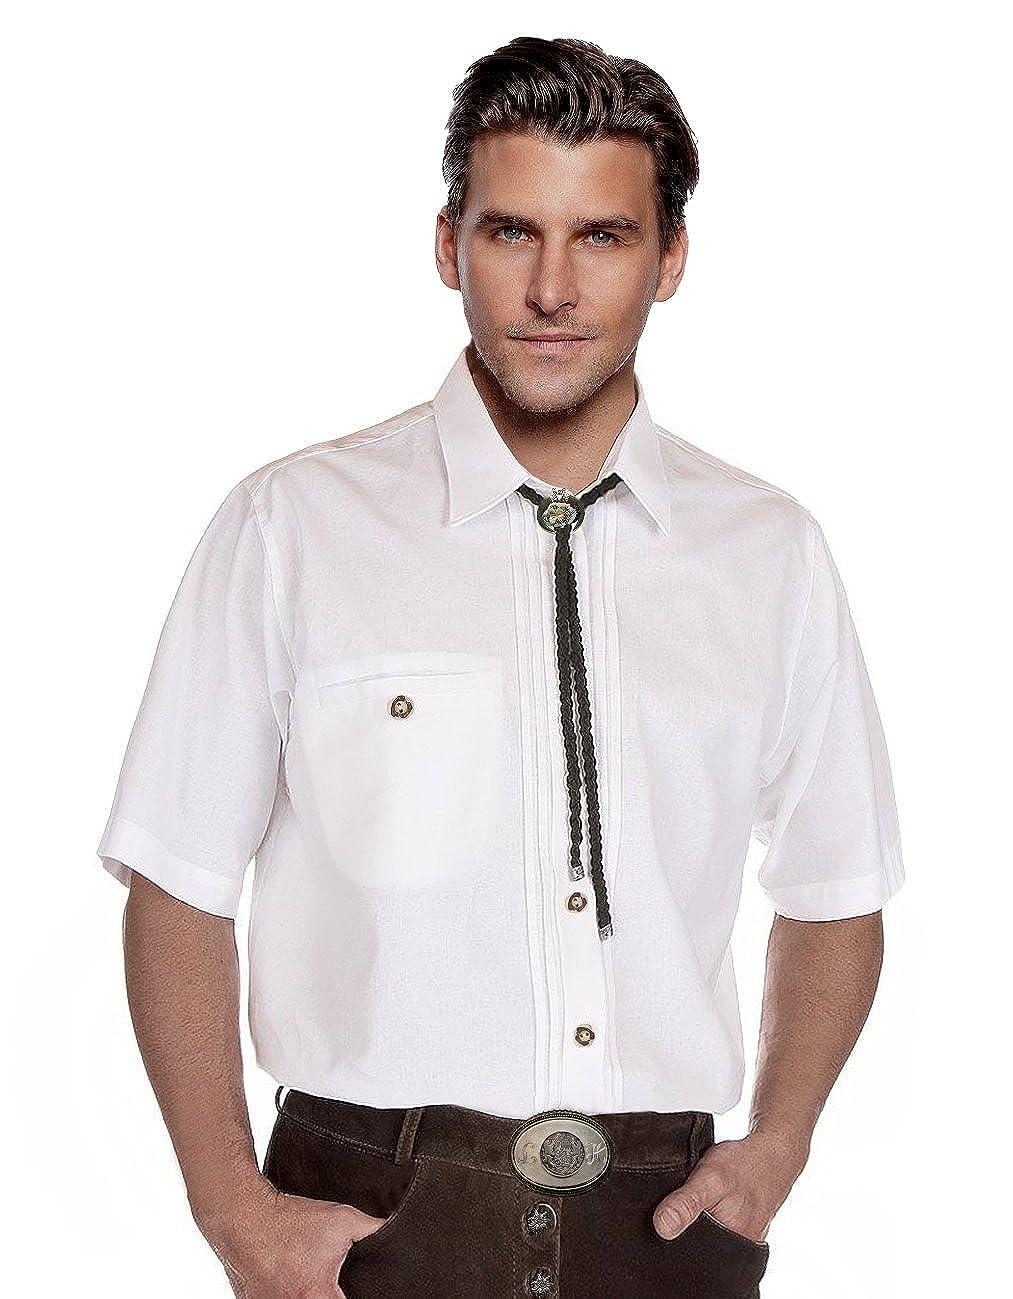 Moschen-Bayern Herren Hemd Trachtenhemd Langarm Kurzarm Wiesn Hemd Trachten M/änner Oktoberfest Wei/ß